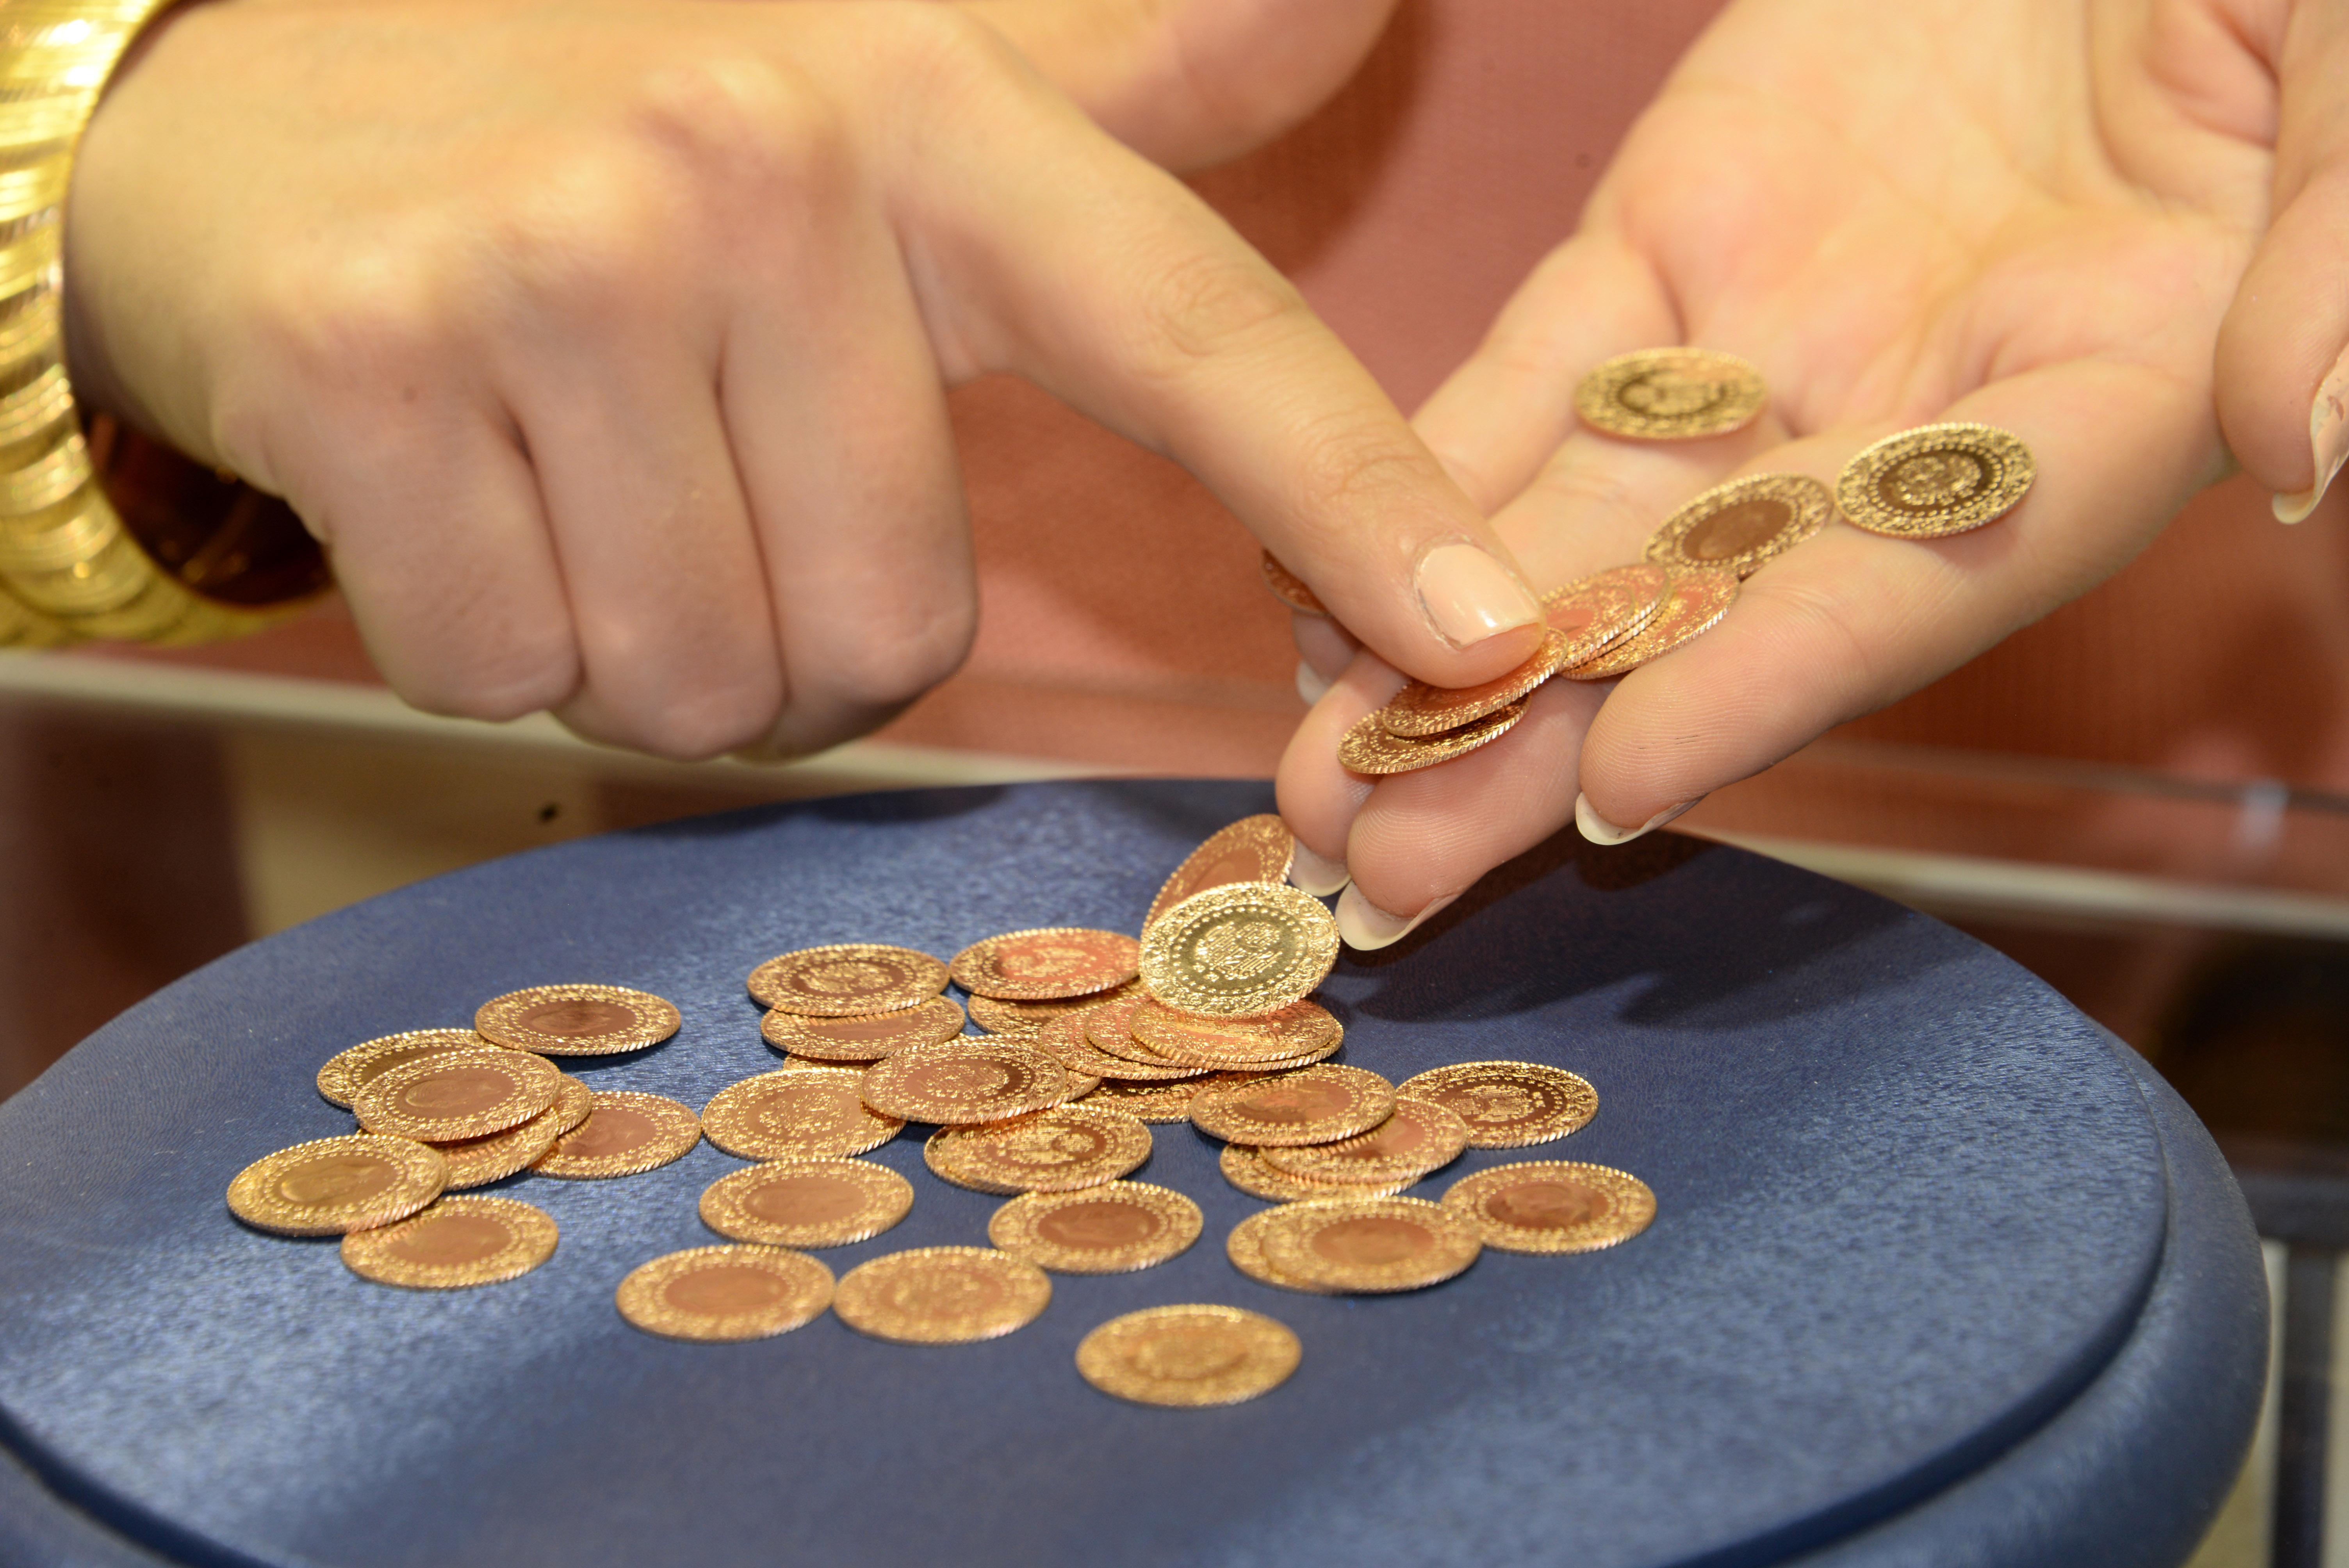 Altın fiyatları yükselince düğün takılarında imitasyon oranı arttı